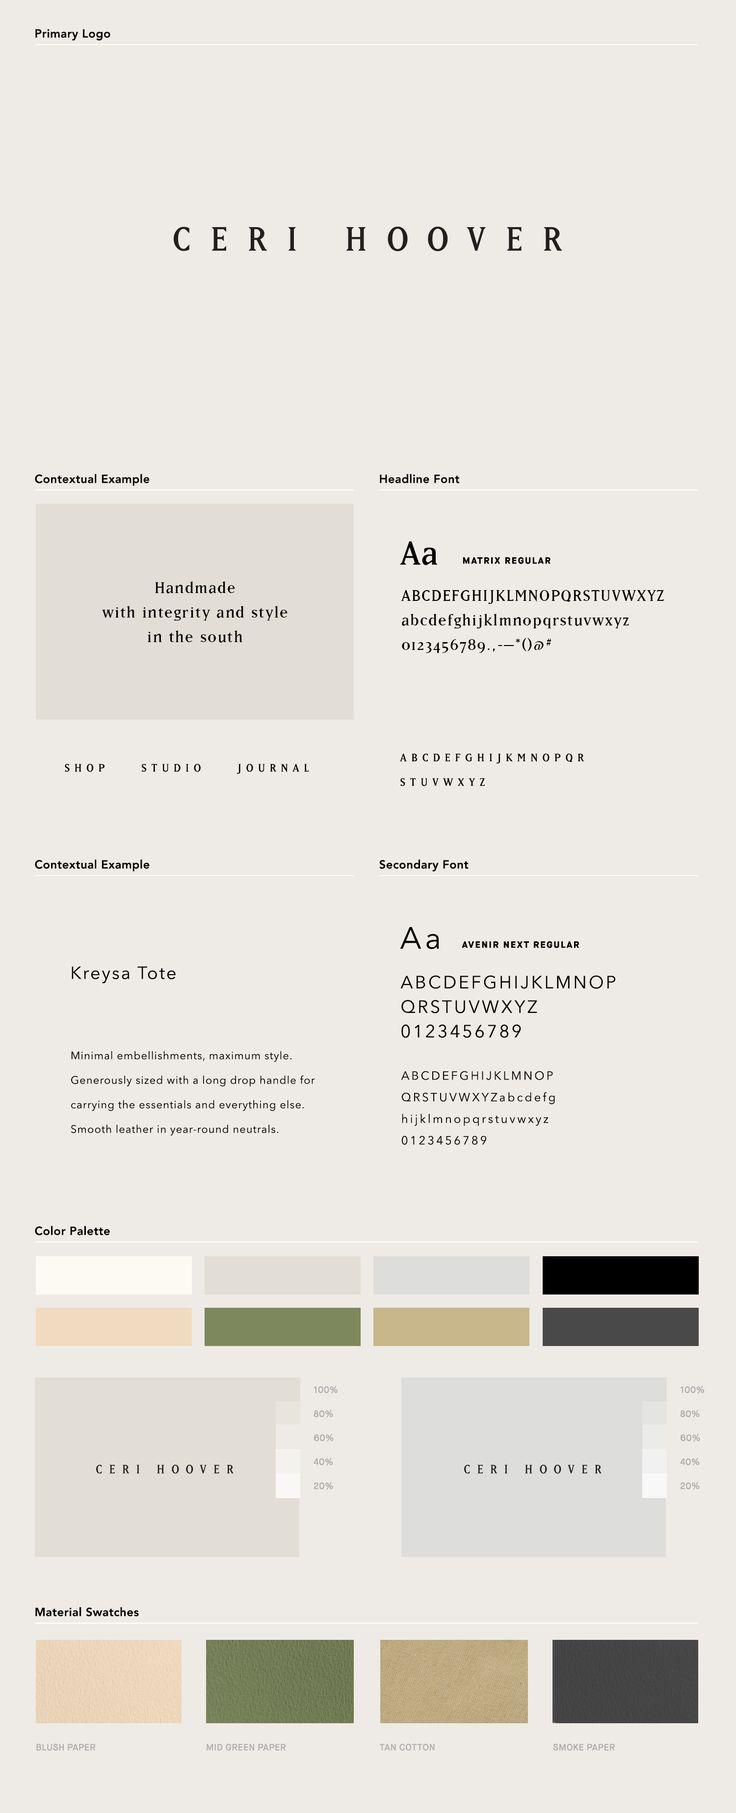 Ceri Hoover (Identity System) Julia Kostreva Studio